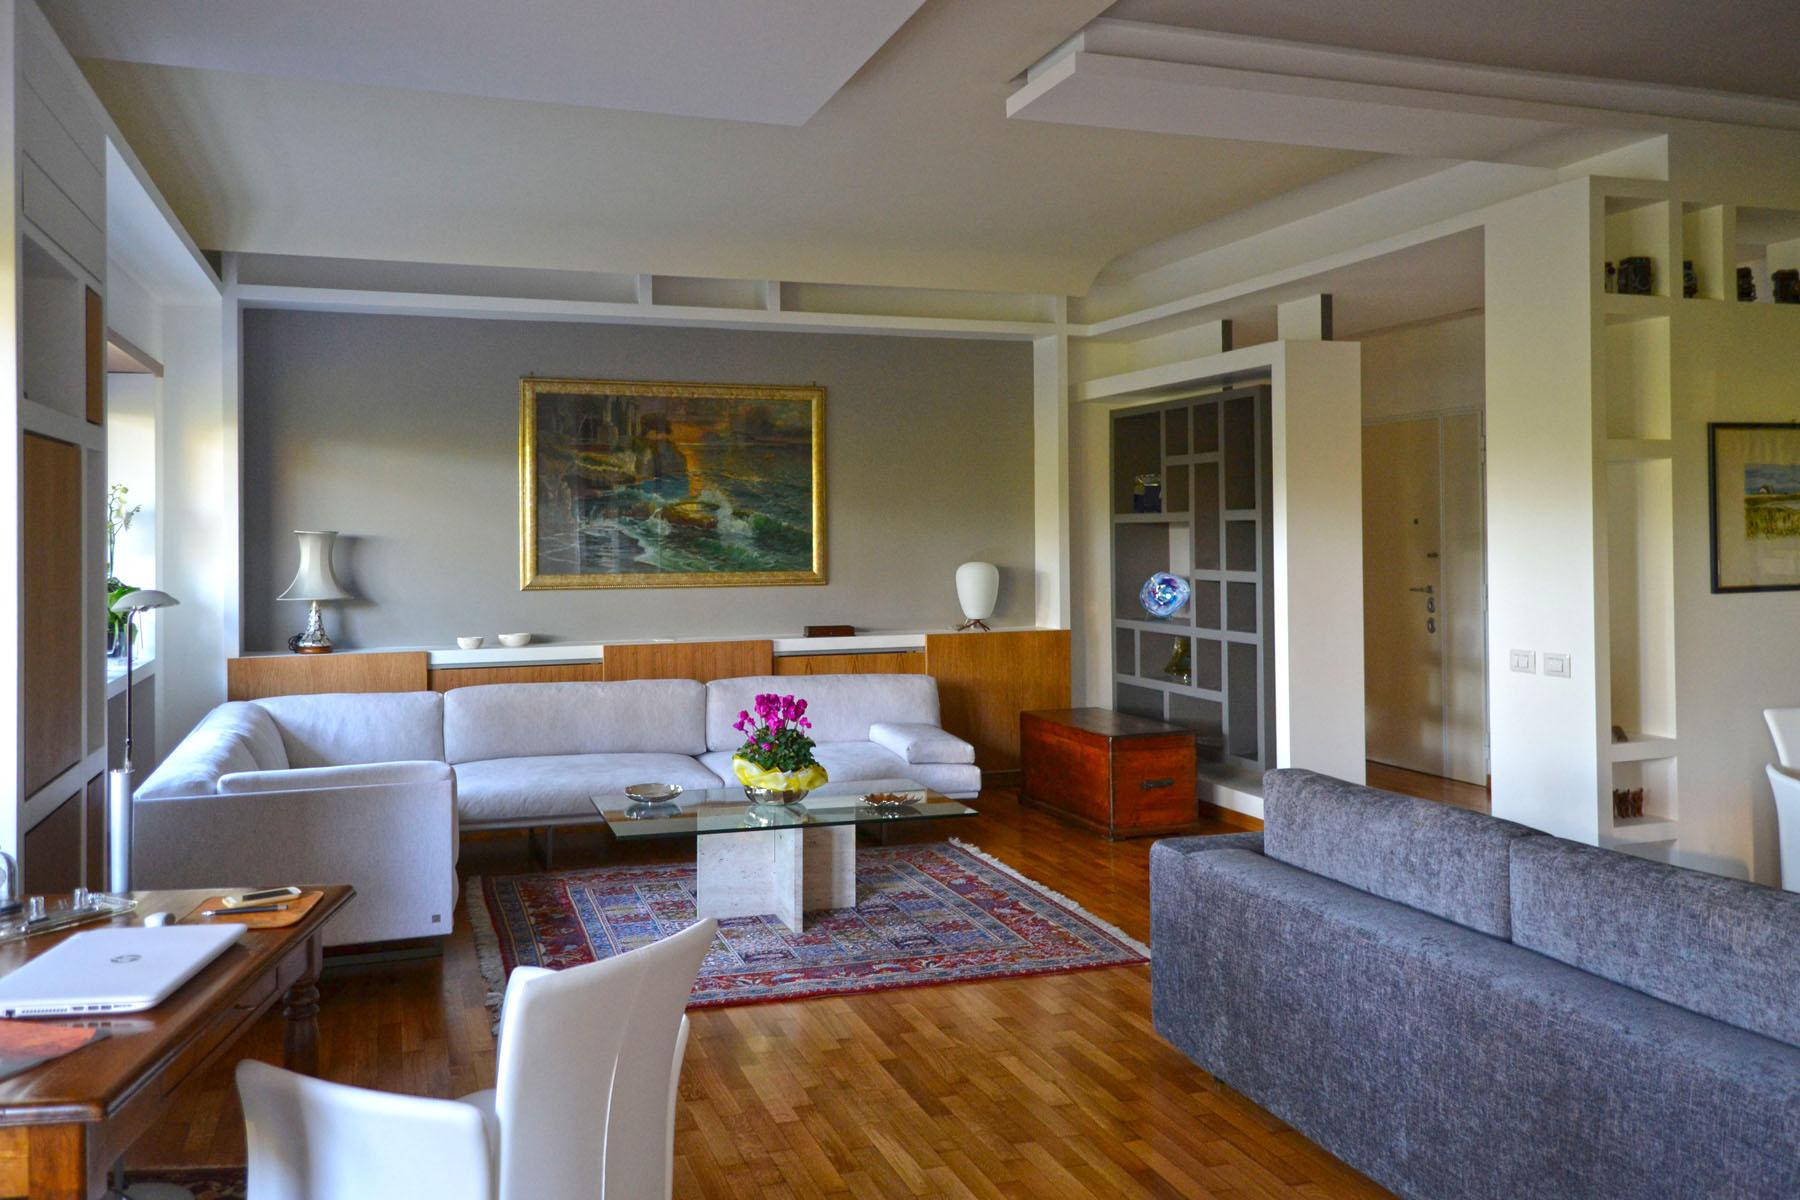 fotografia del soggiorno, Geometria e luce sono gli attori principali.